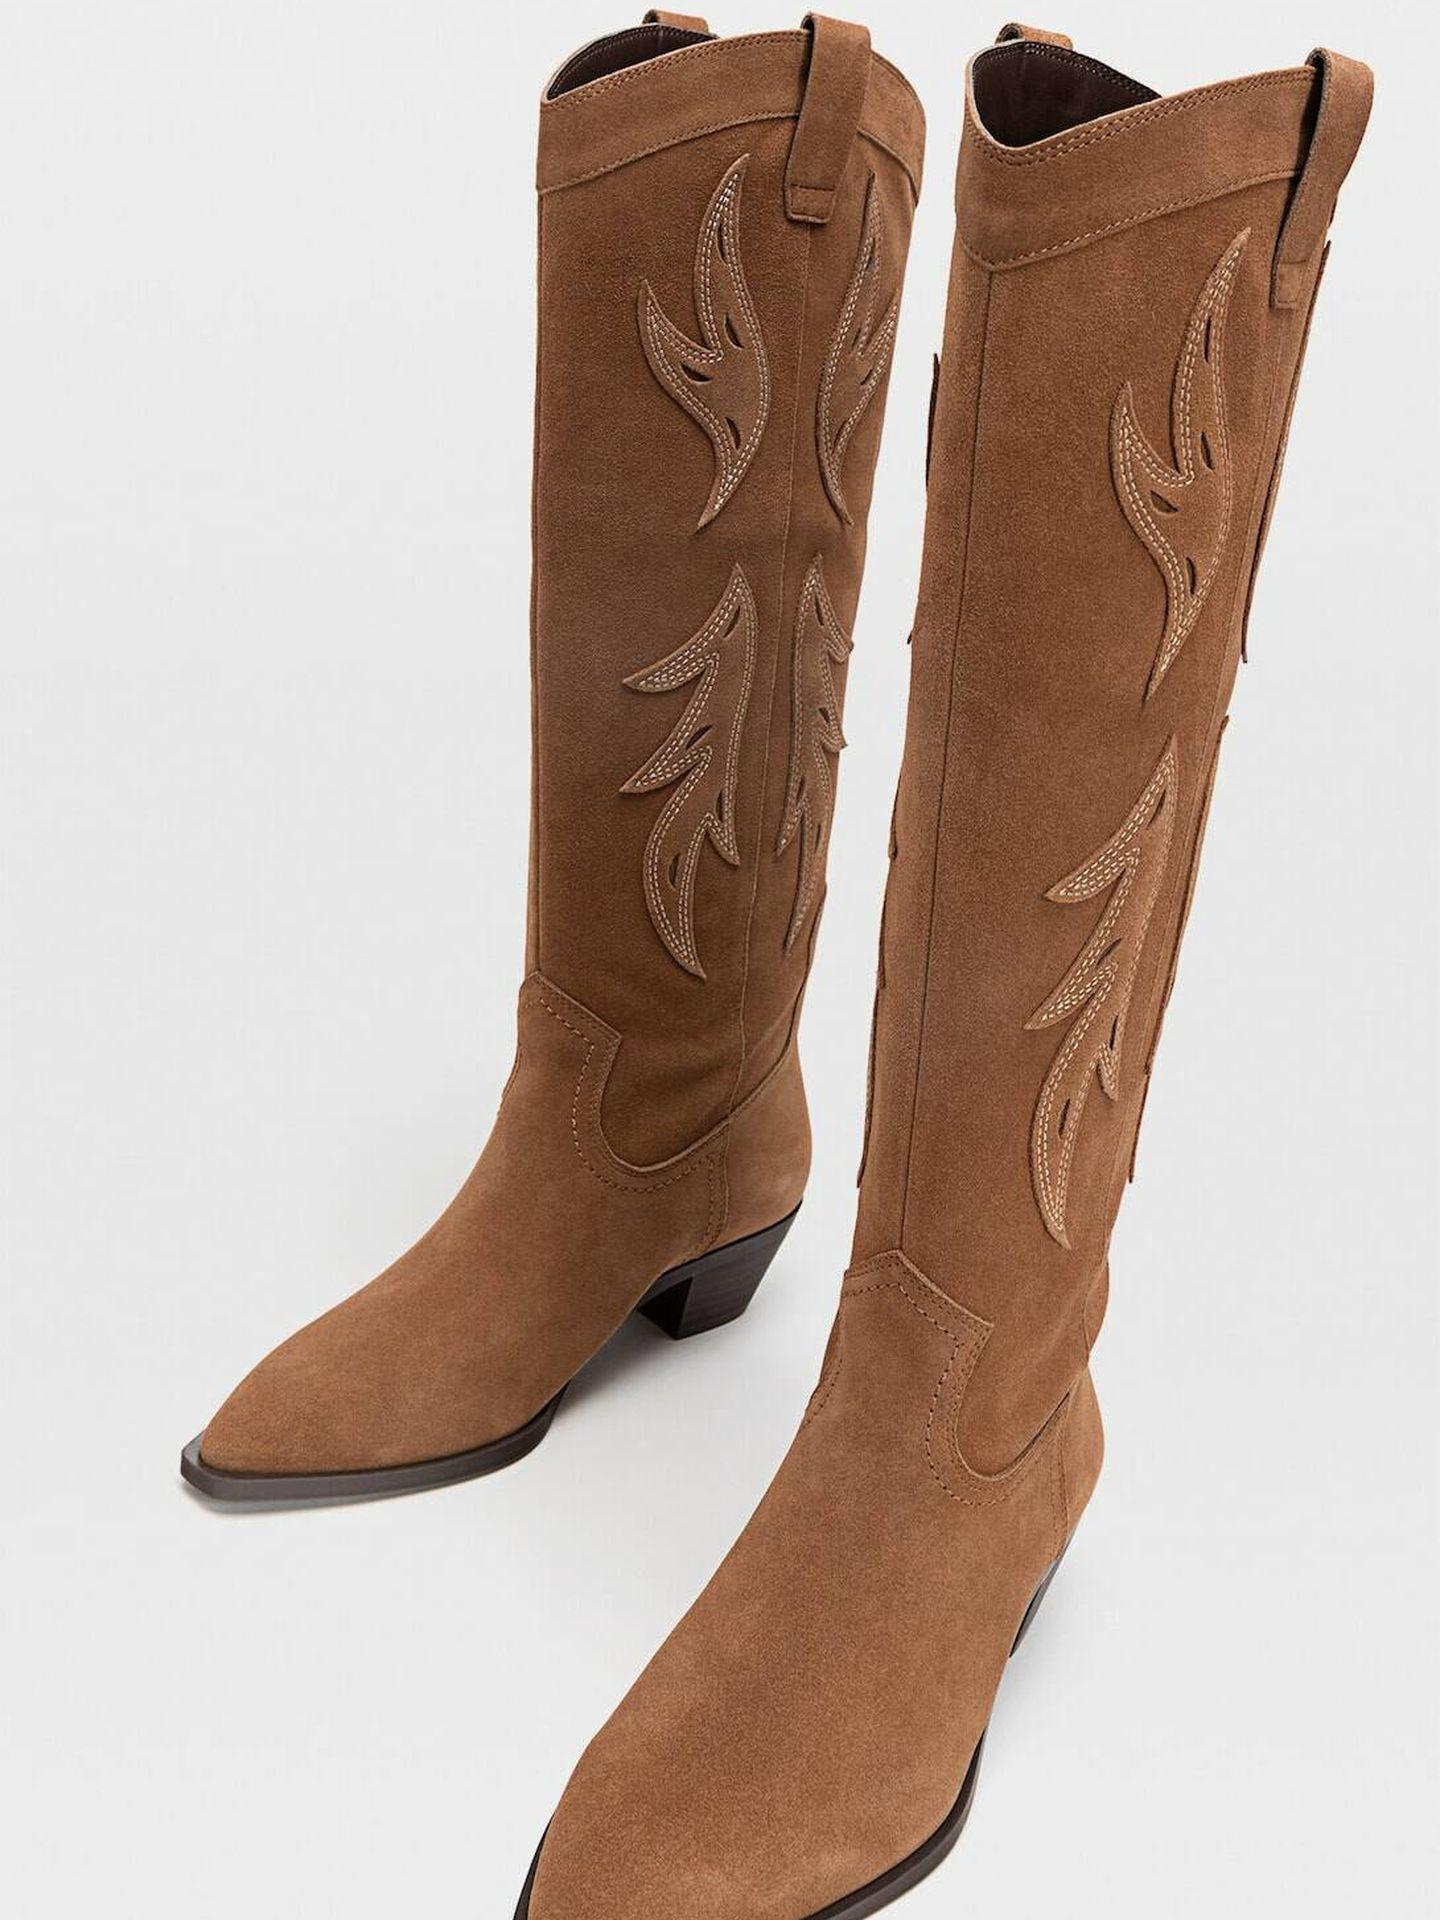 Las botas de Stradivarius. (Cortesía)